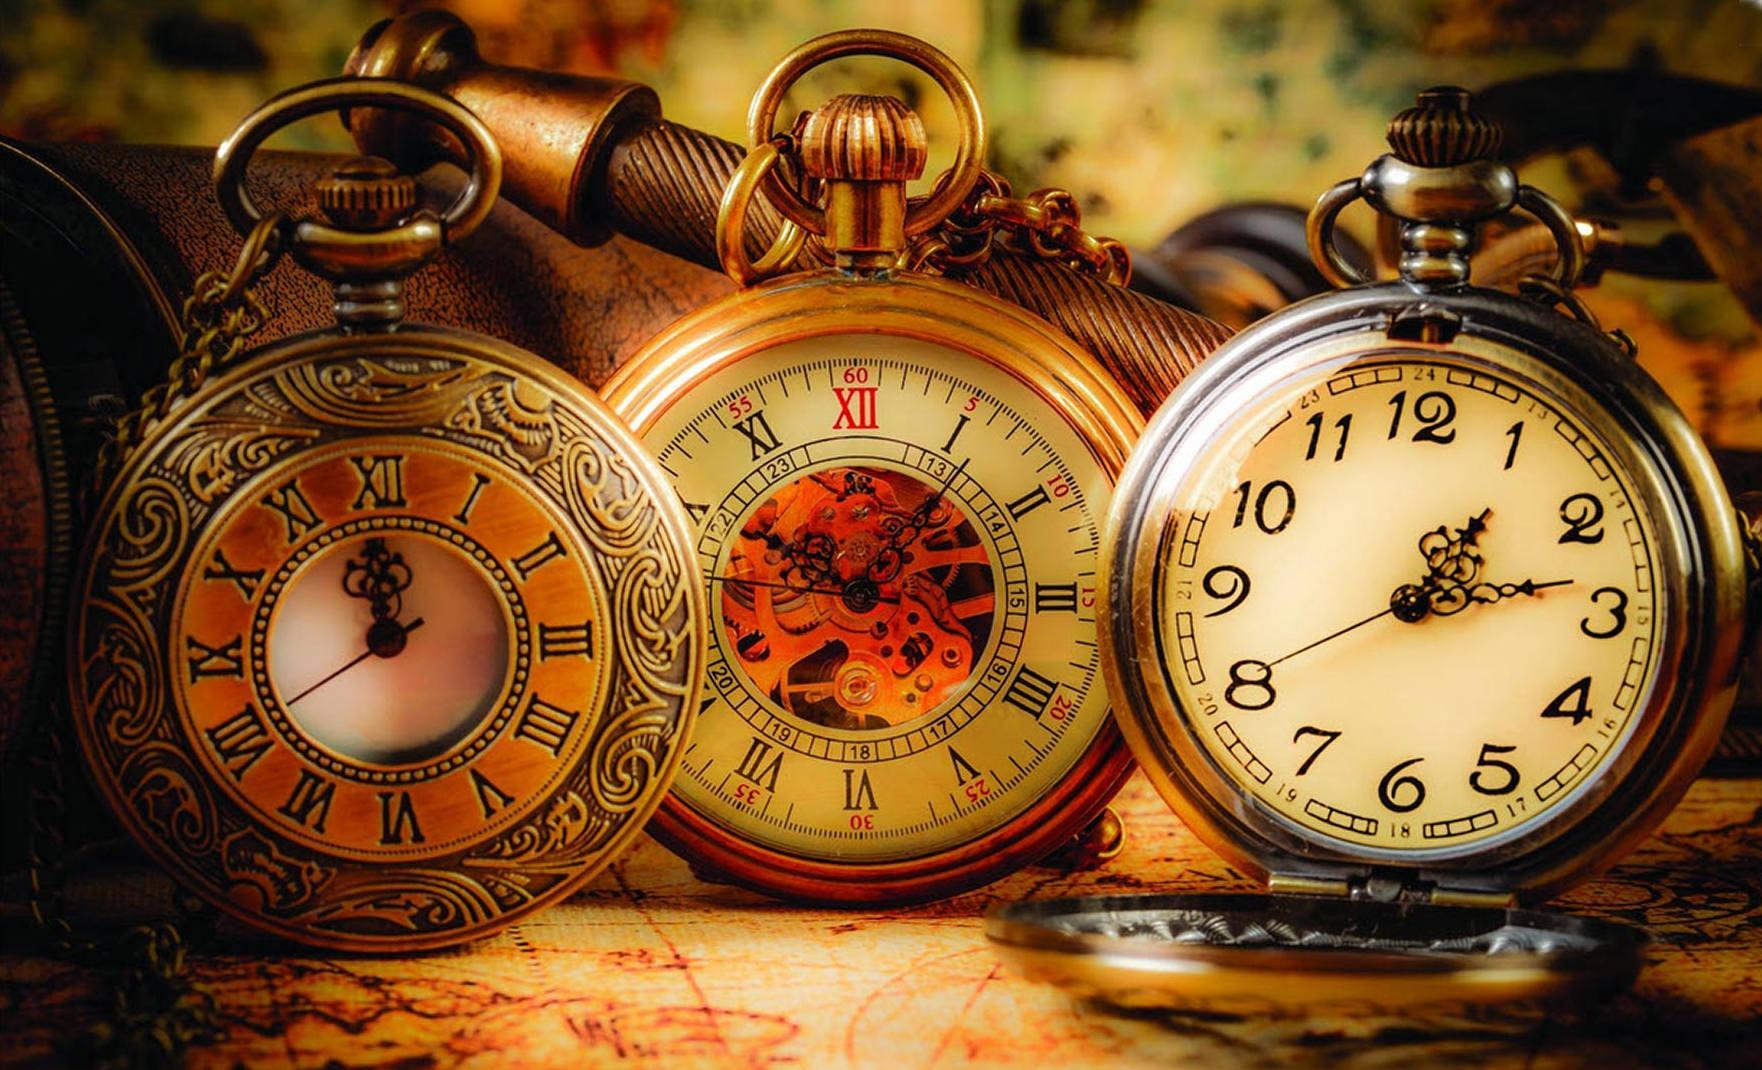 Αλλαγή ώρας: «Πάγωσε» το ζήτημα της κατάργησής της – Πού οφείλεται η καθυστέρηση